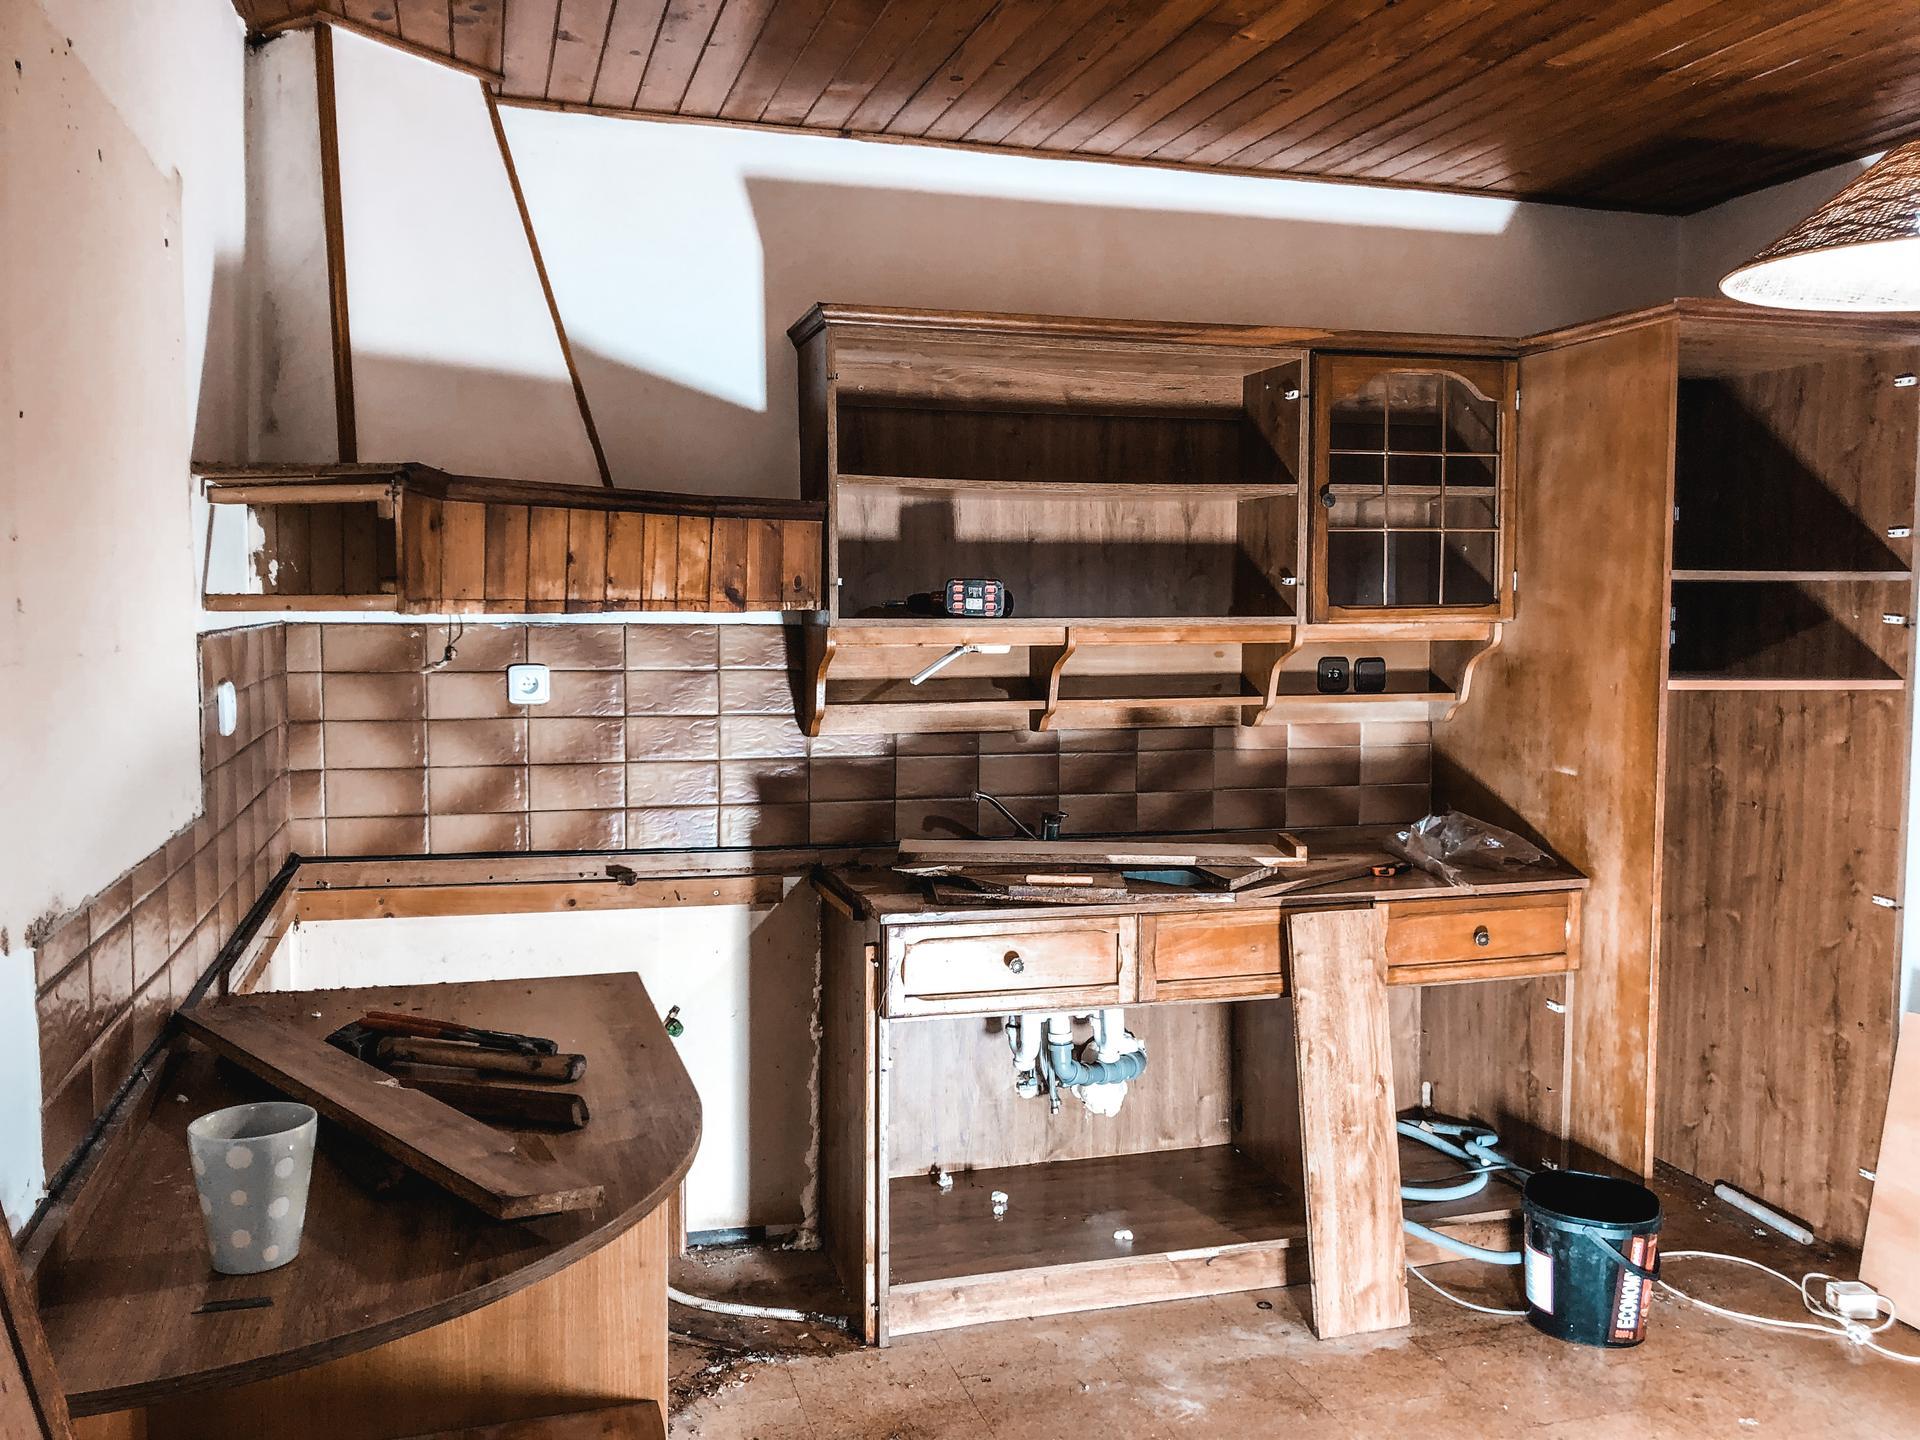 Kuchyně - Obrázek č. 12